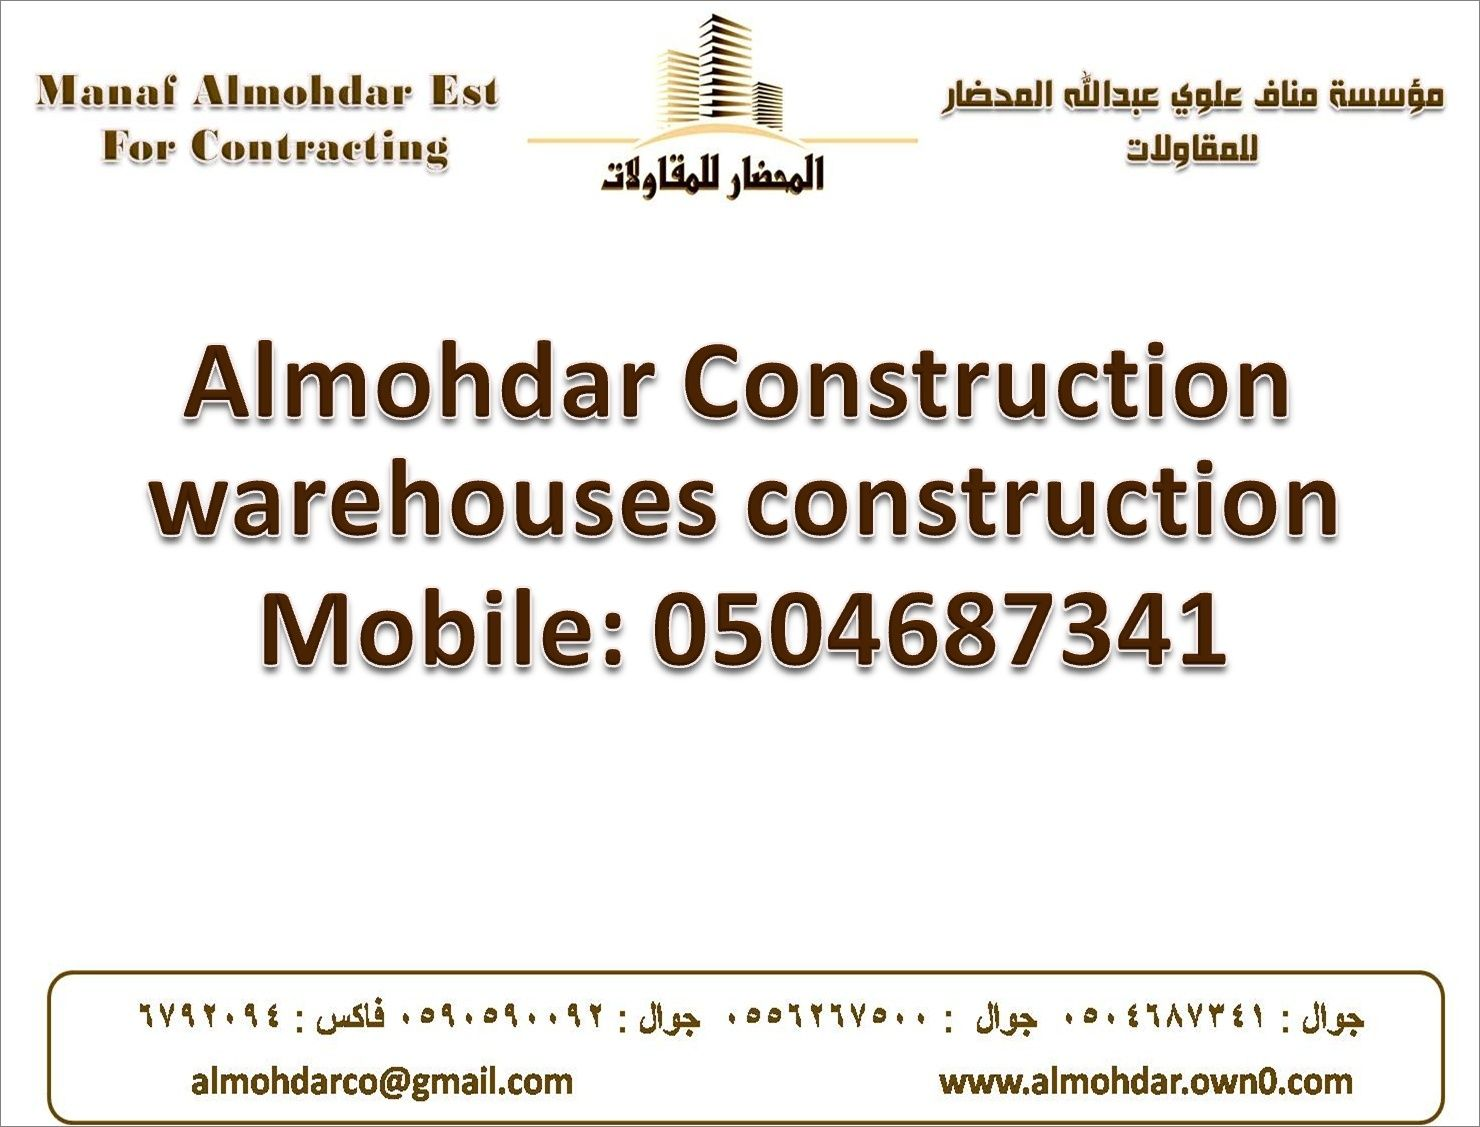 هناجر المصانع و المستودعات Almohd10